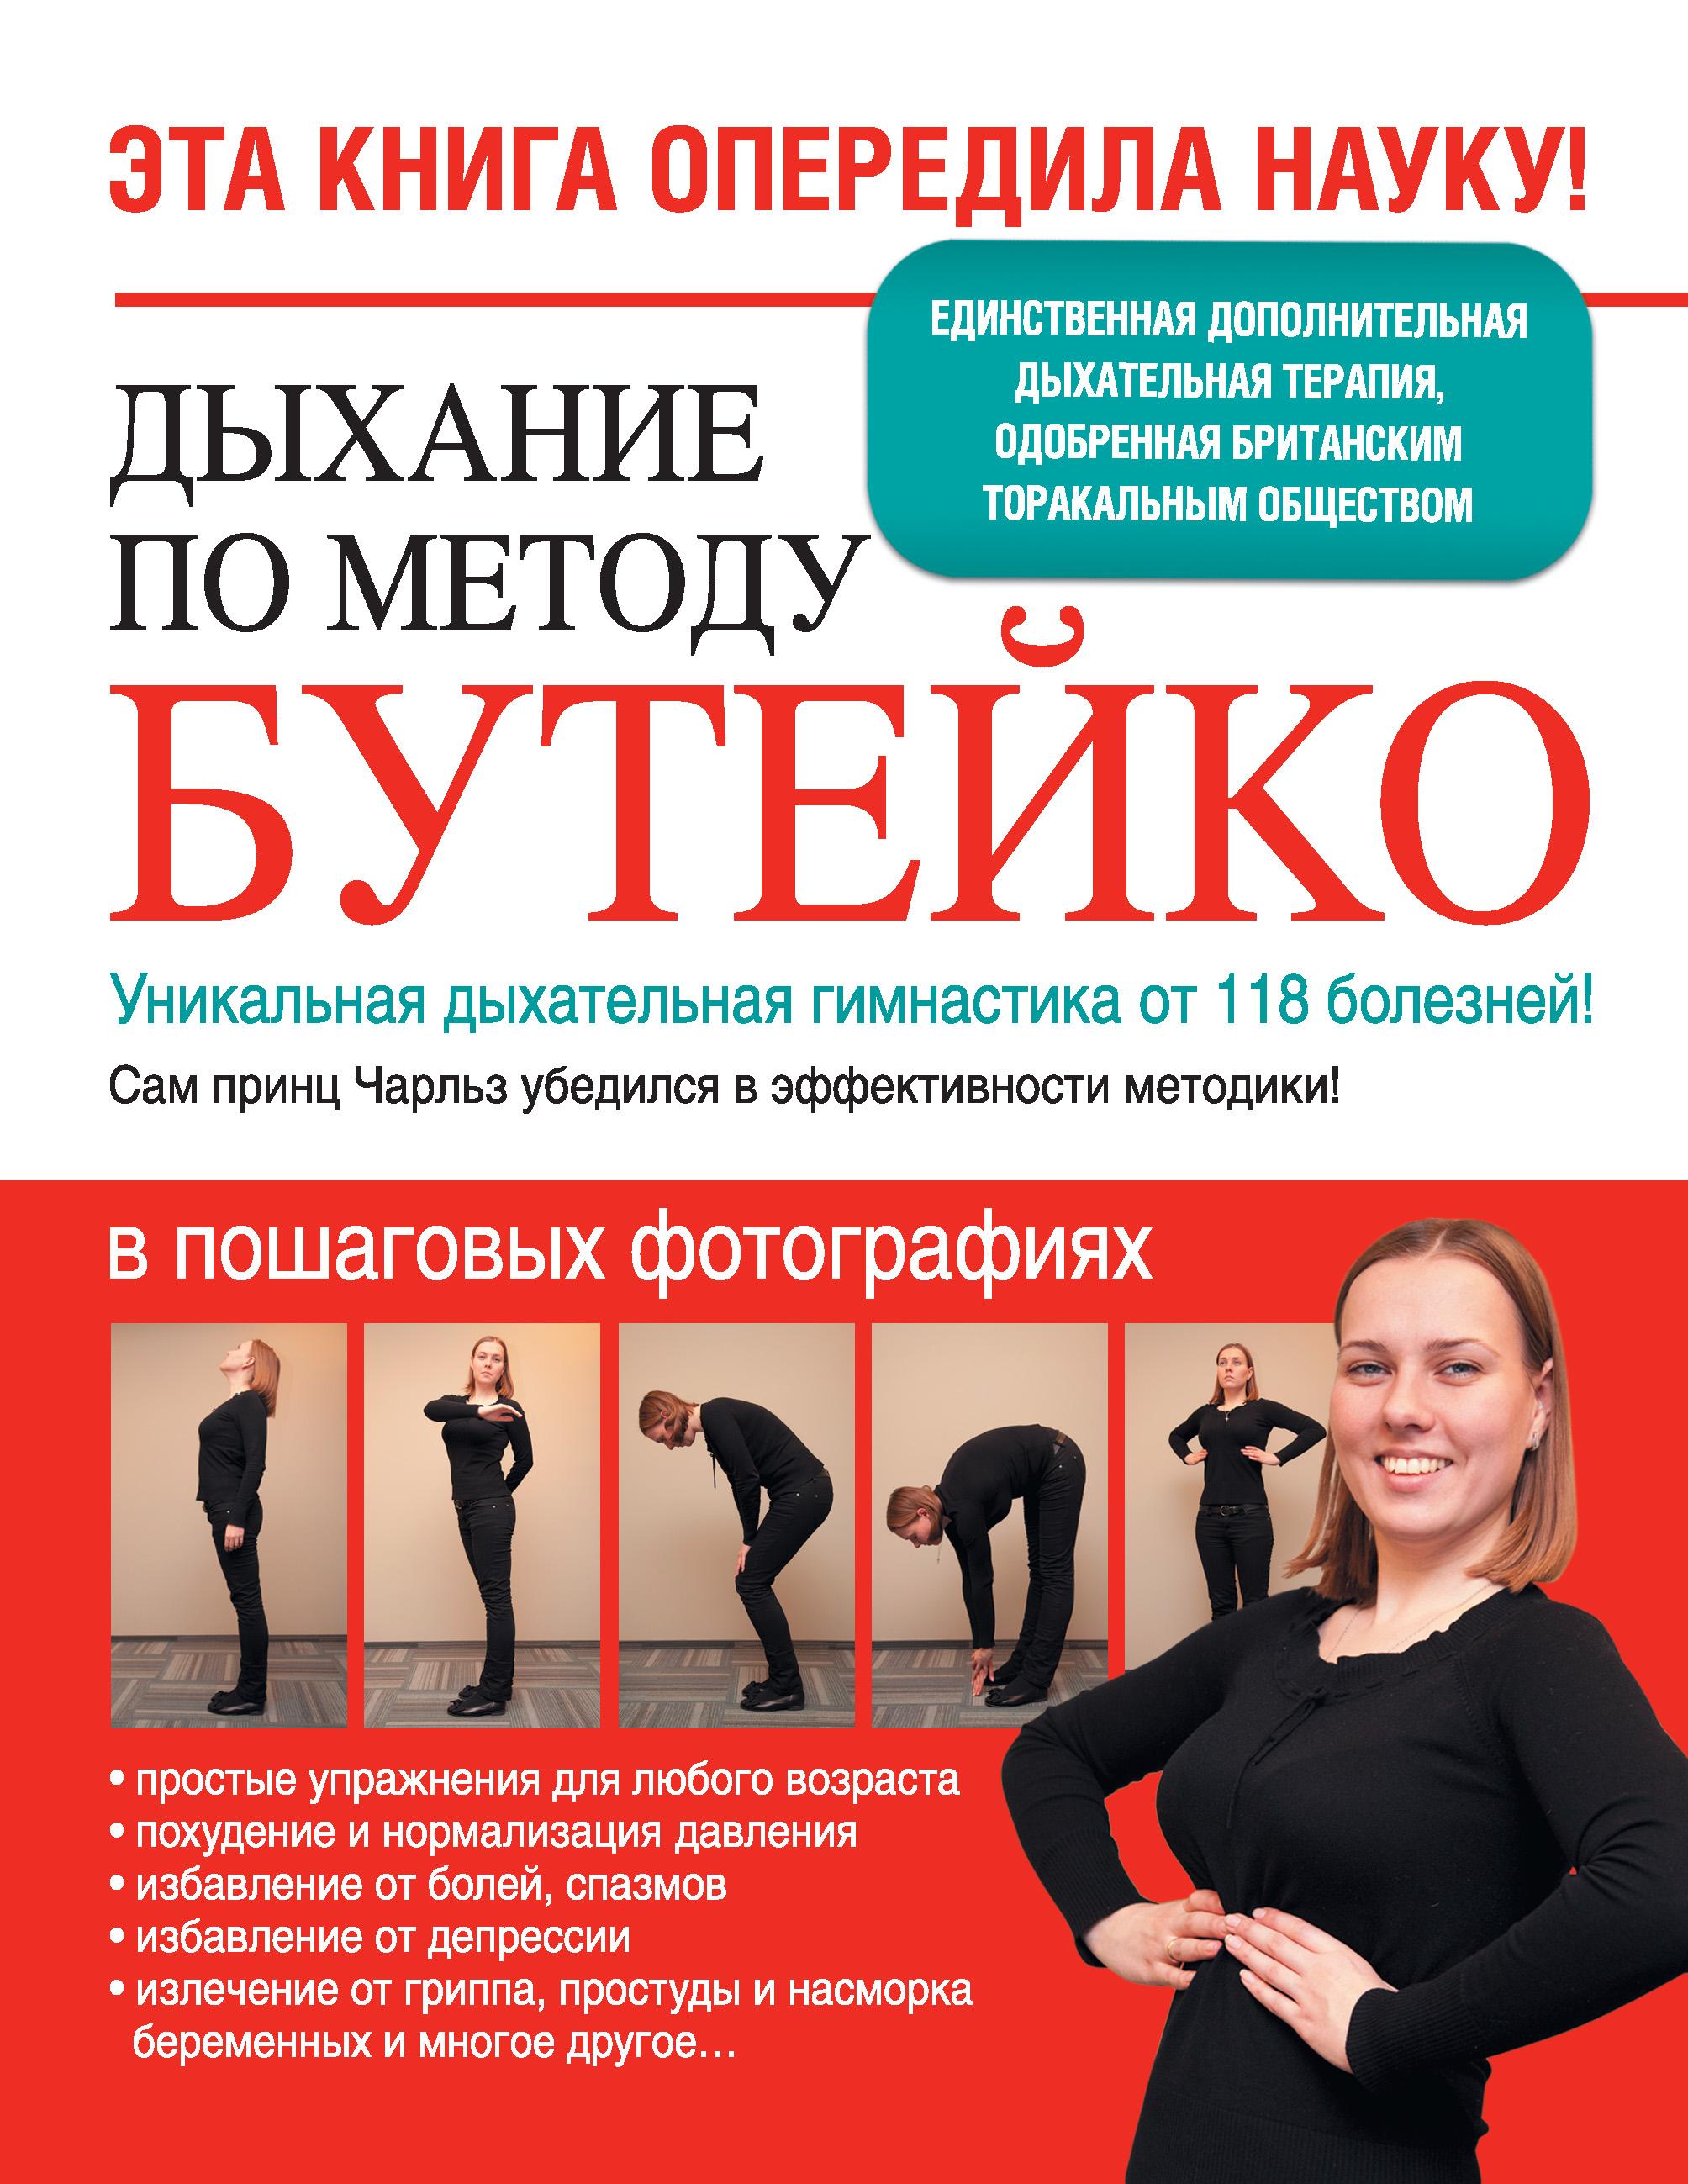 Дыхание по методу Бутейко. Уникальная дыхательная гимнастика от 118 болезней!